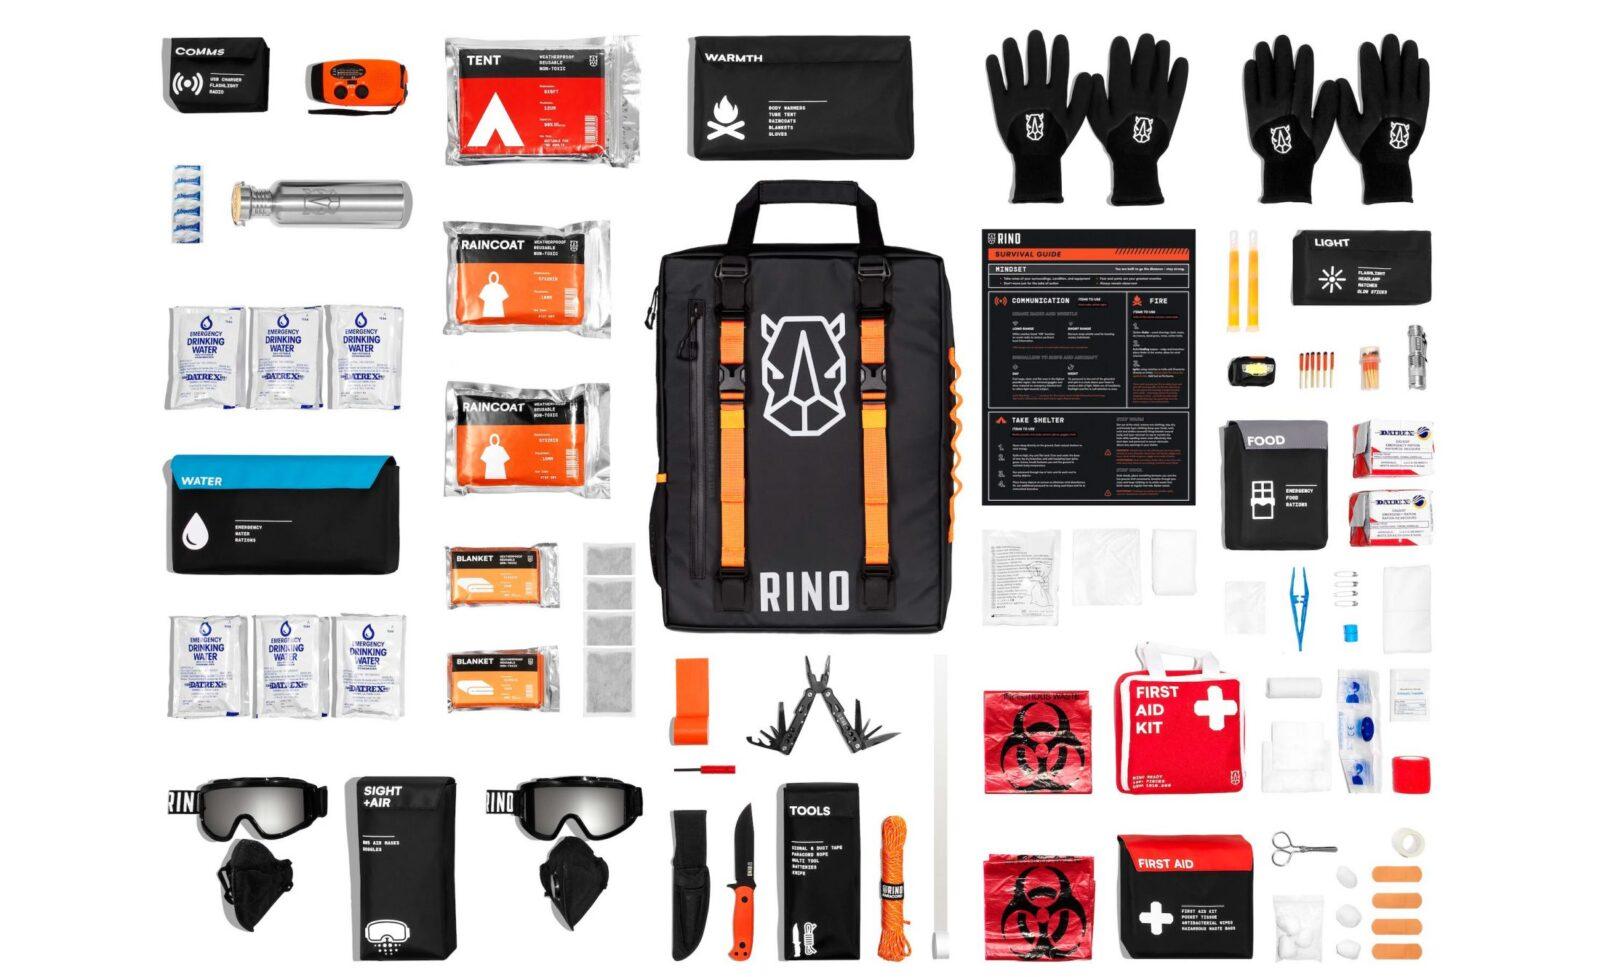 RINO Ready Survival Kit Main